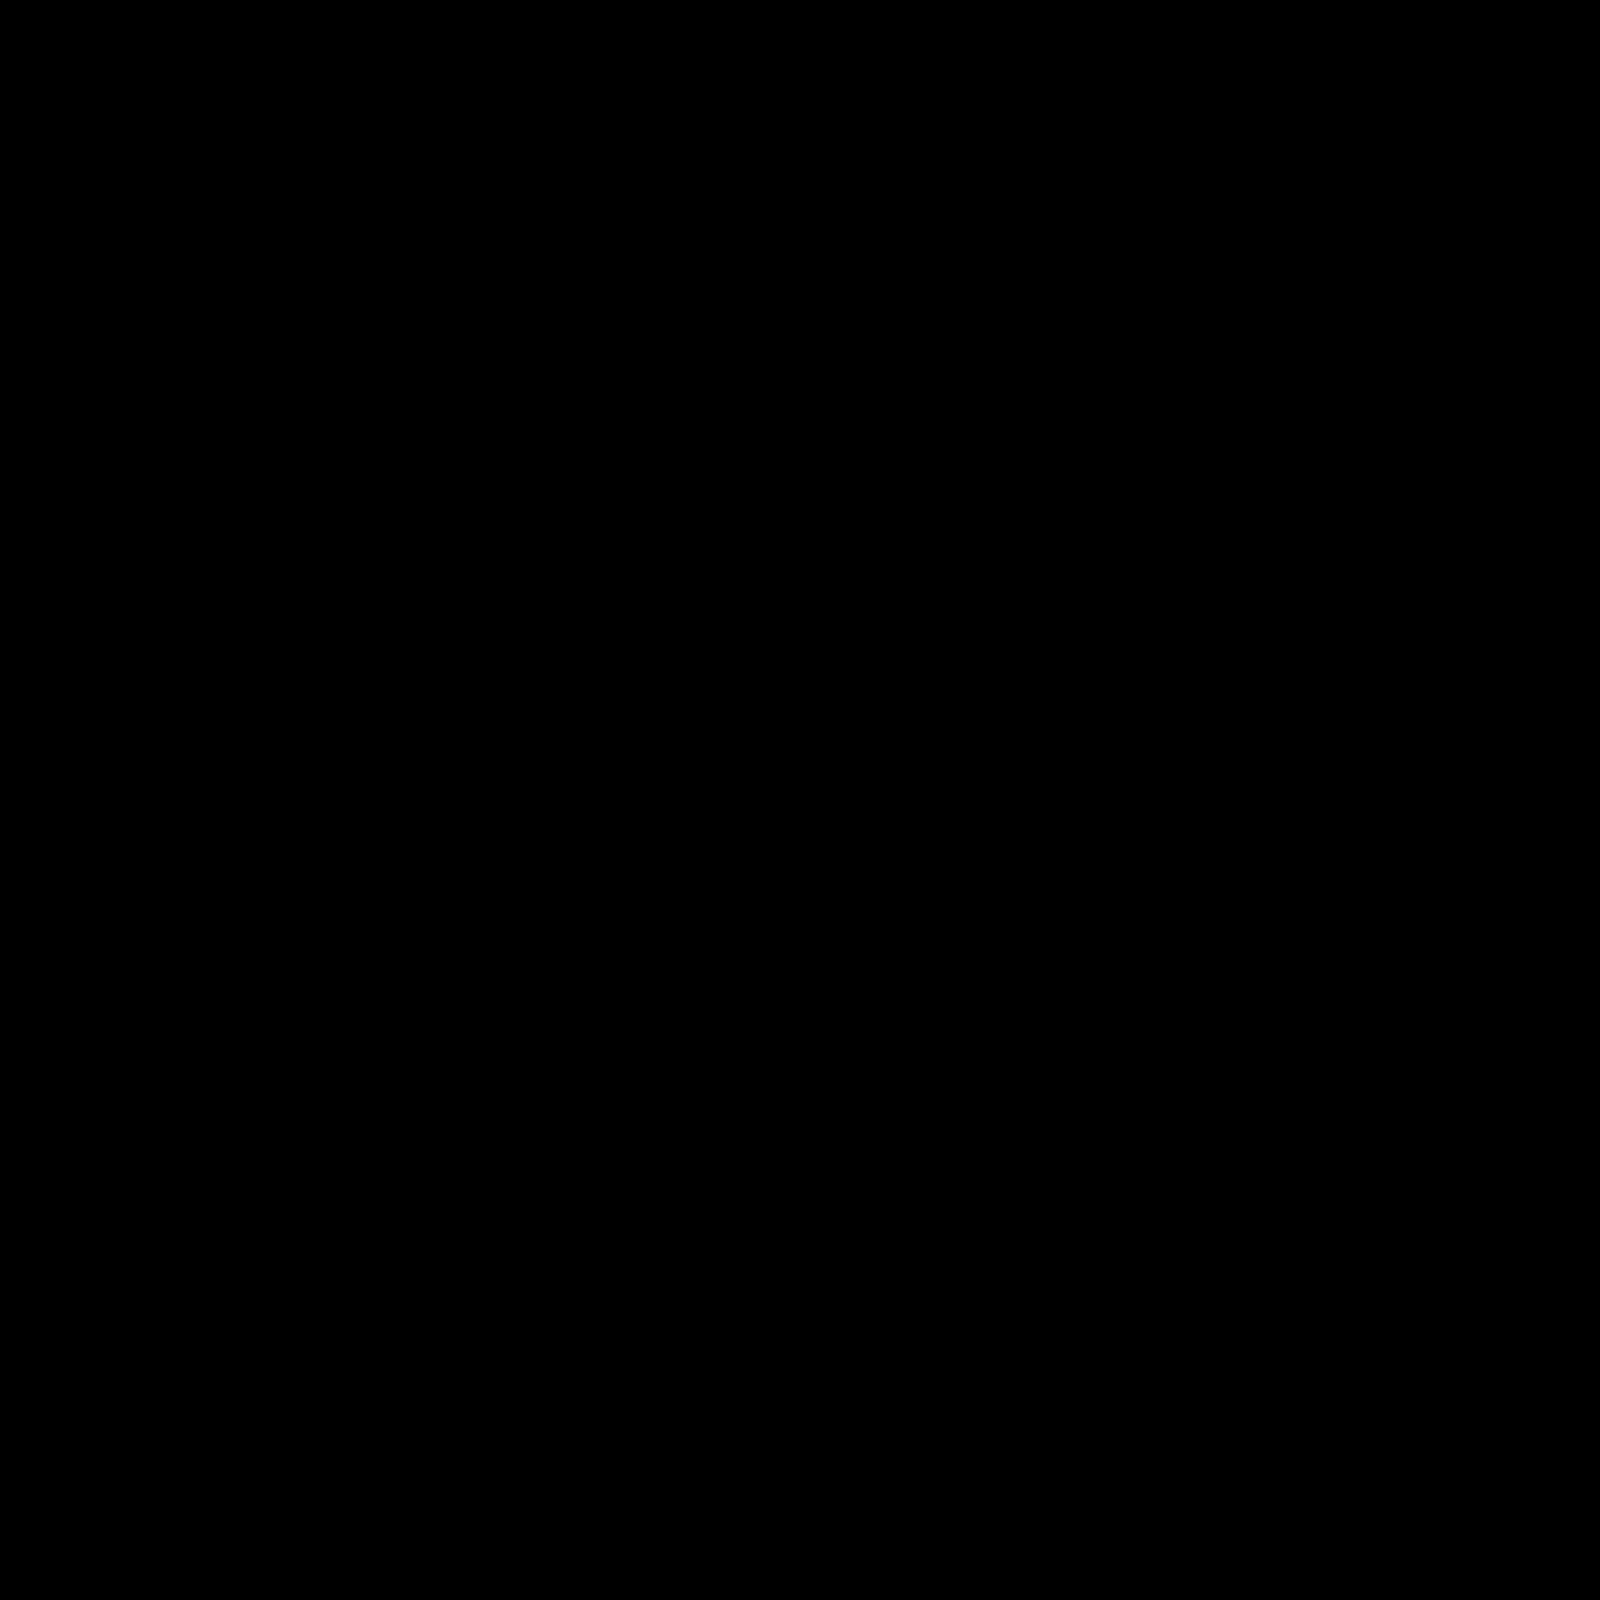 歴史的 icon. This is a picture of an hourglass. It has more sand in the bottom than the top, and it's top and bottom parts are squarely shaped, almost like a crown moulding. It is symmetrical besides the amount of sand.